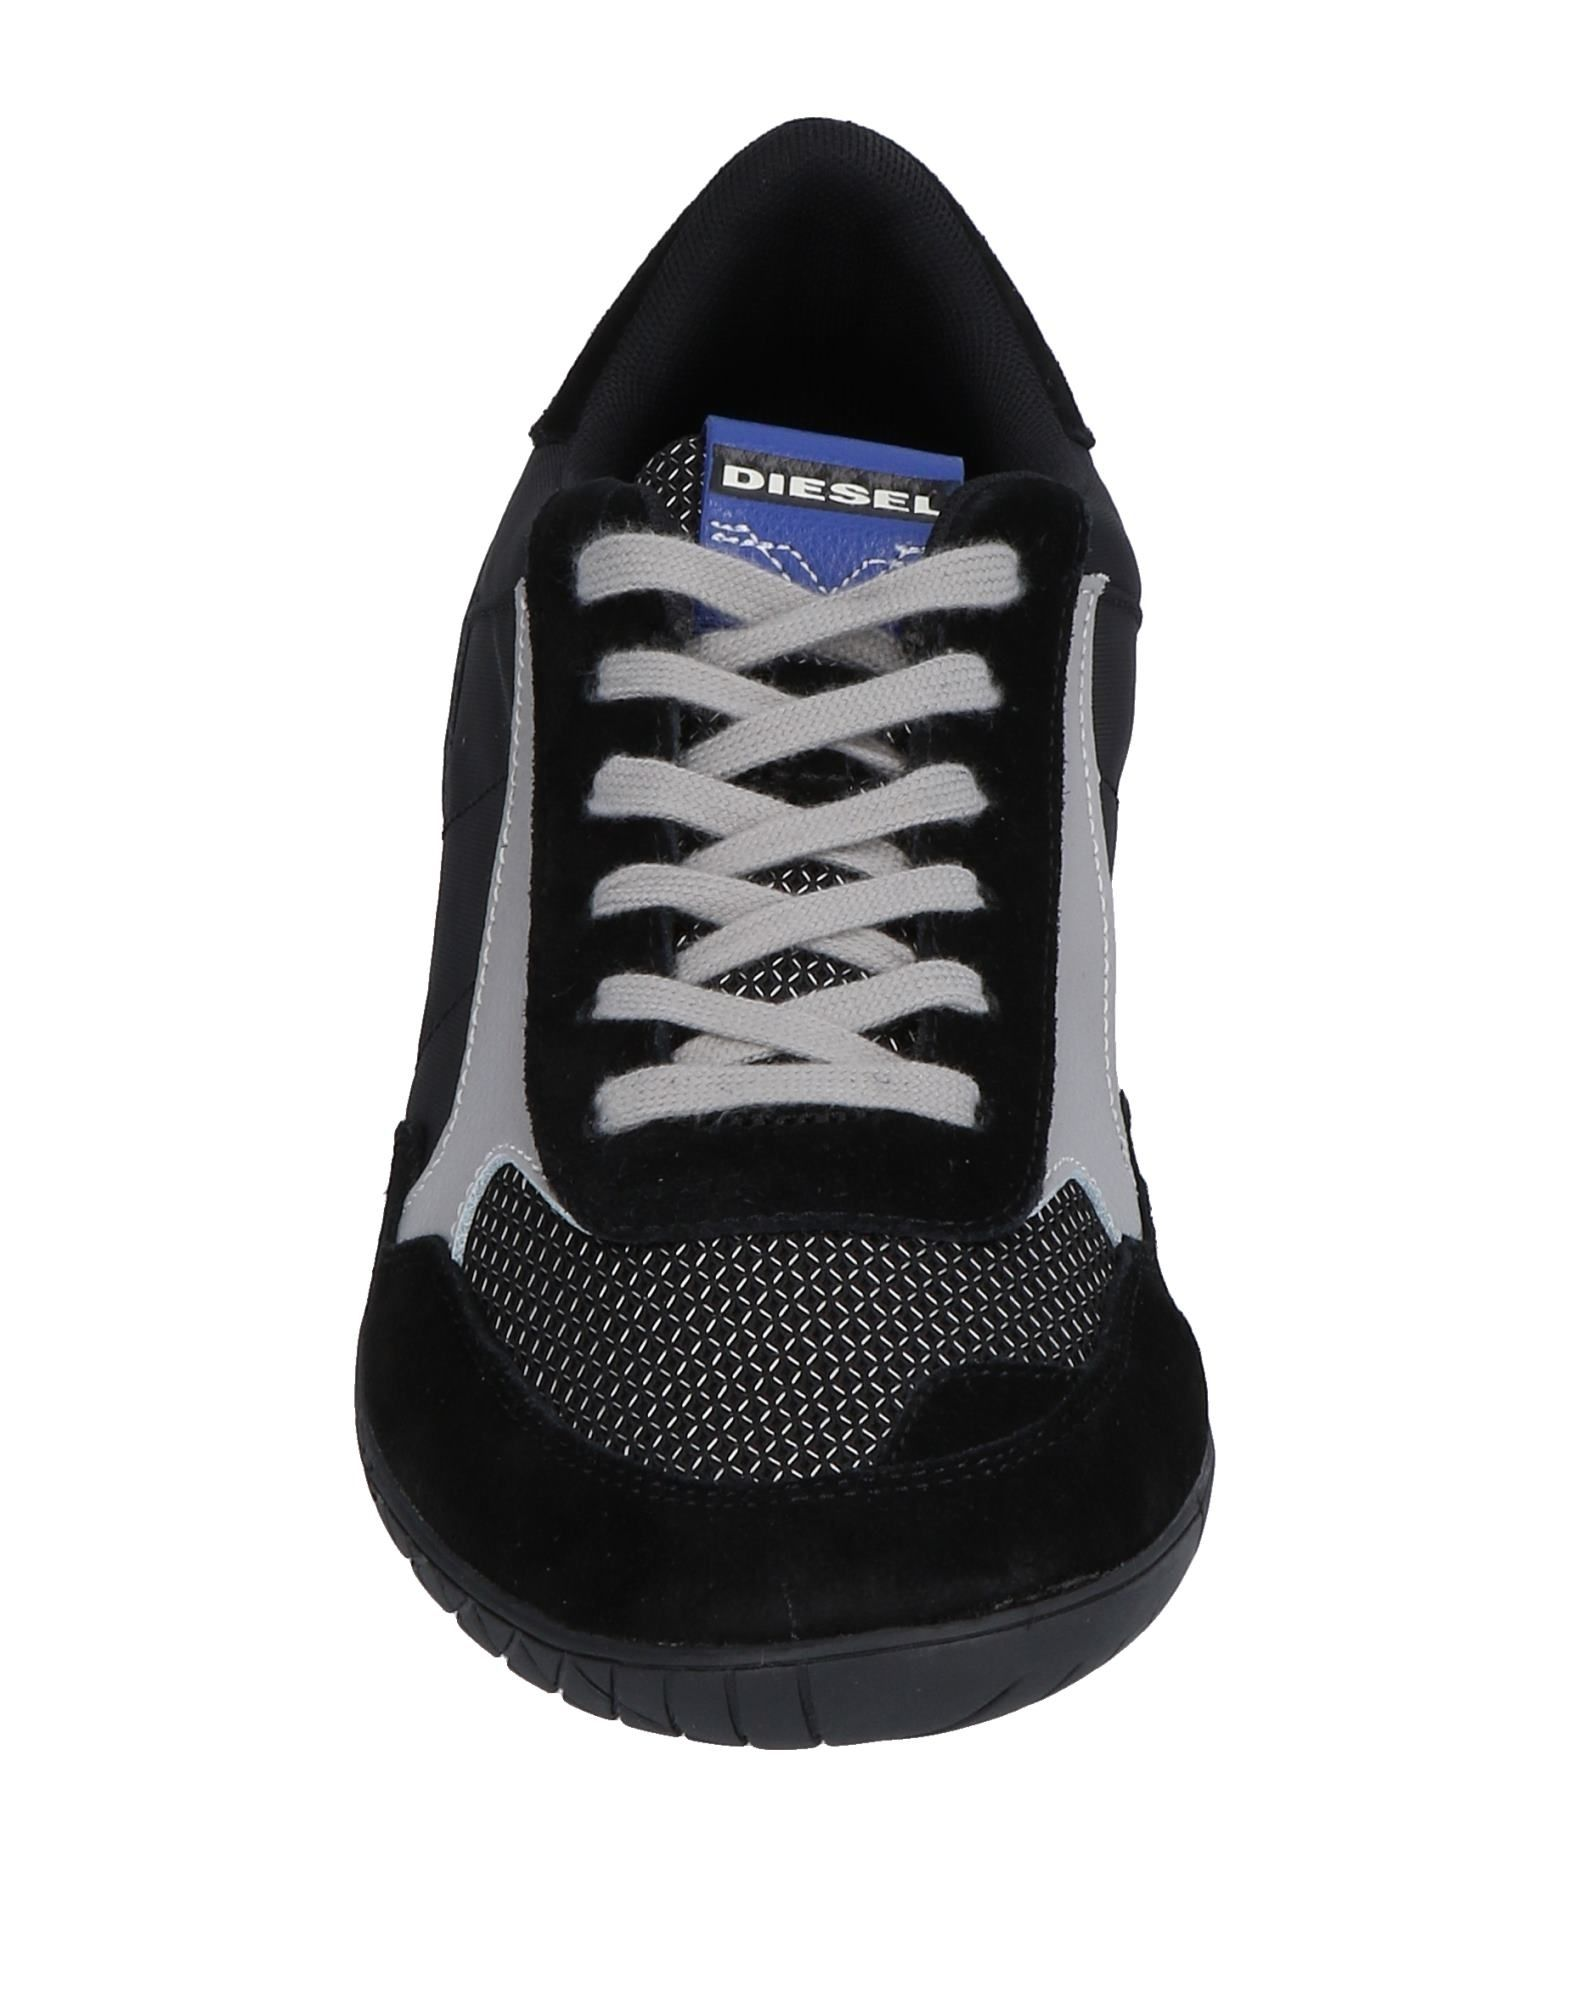 Rabatt echte Schuhe Herren Diesel Sneakers Herren Schuhe  11491185LU 06d351